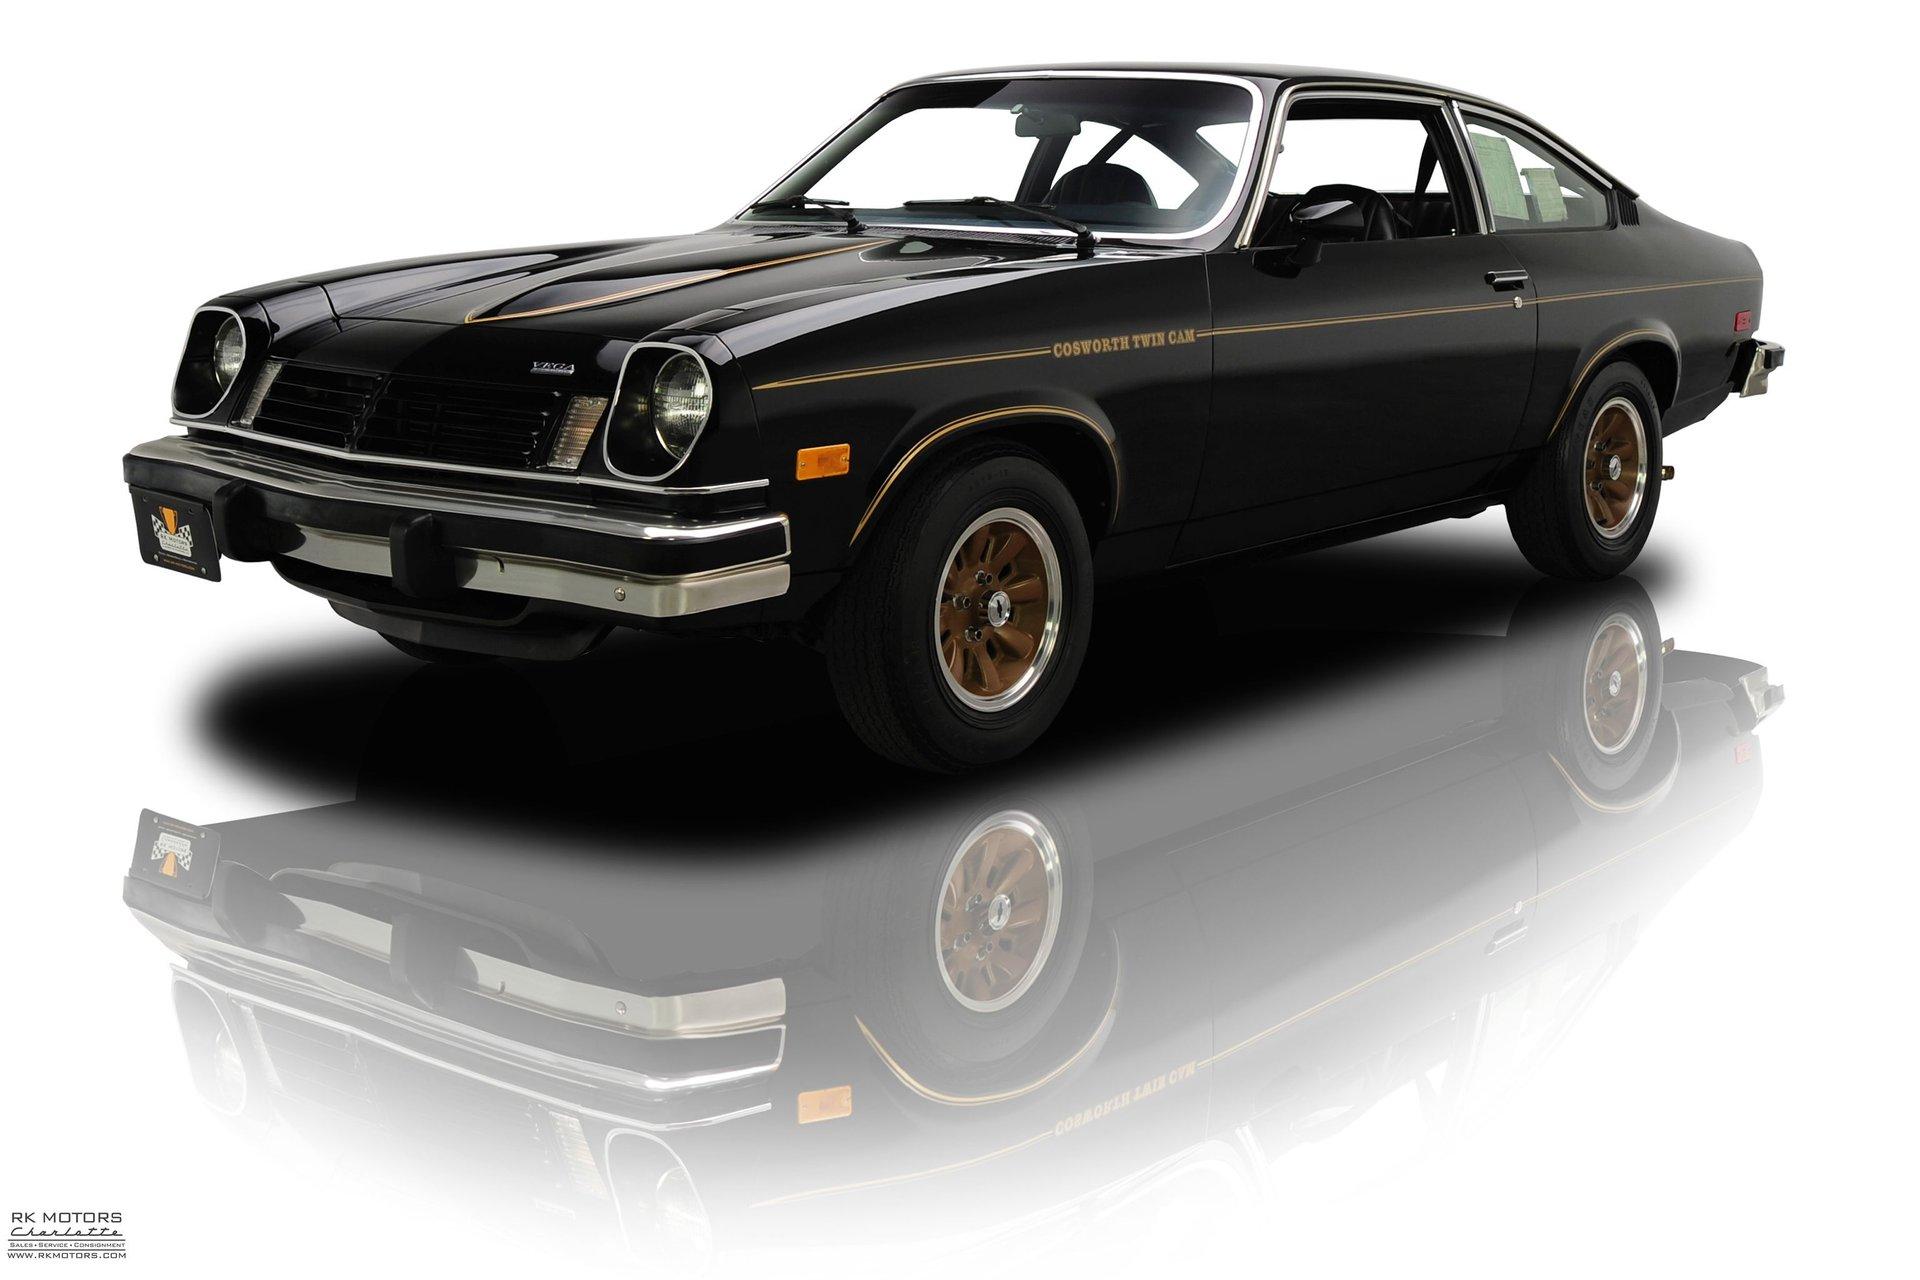 1975 chevrolet vega cosworth